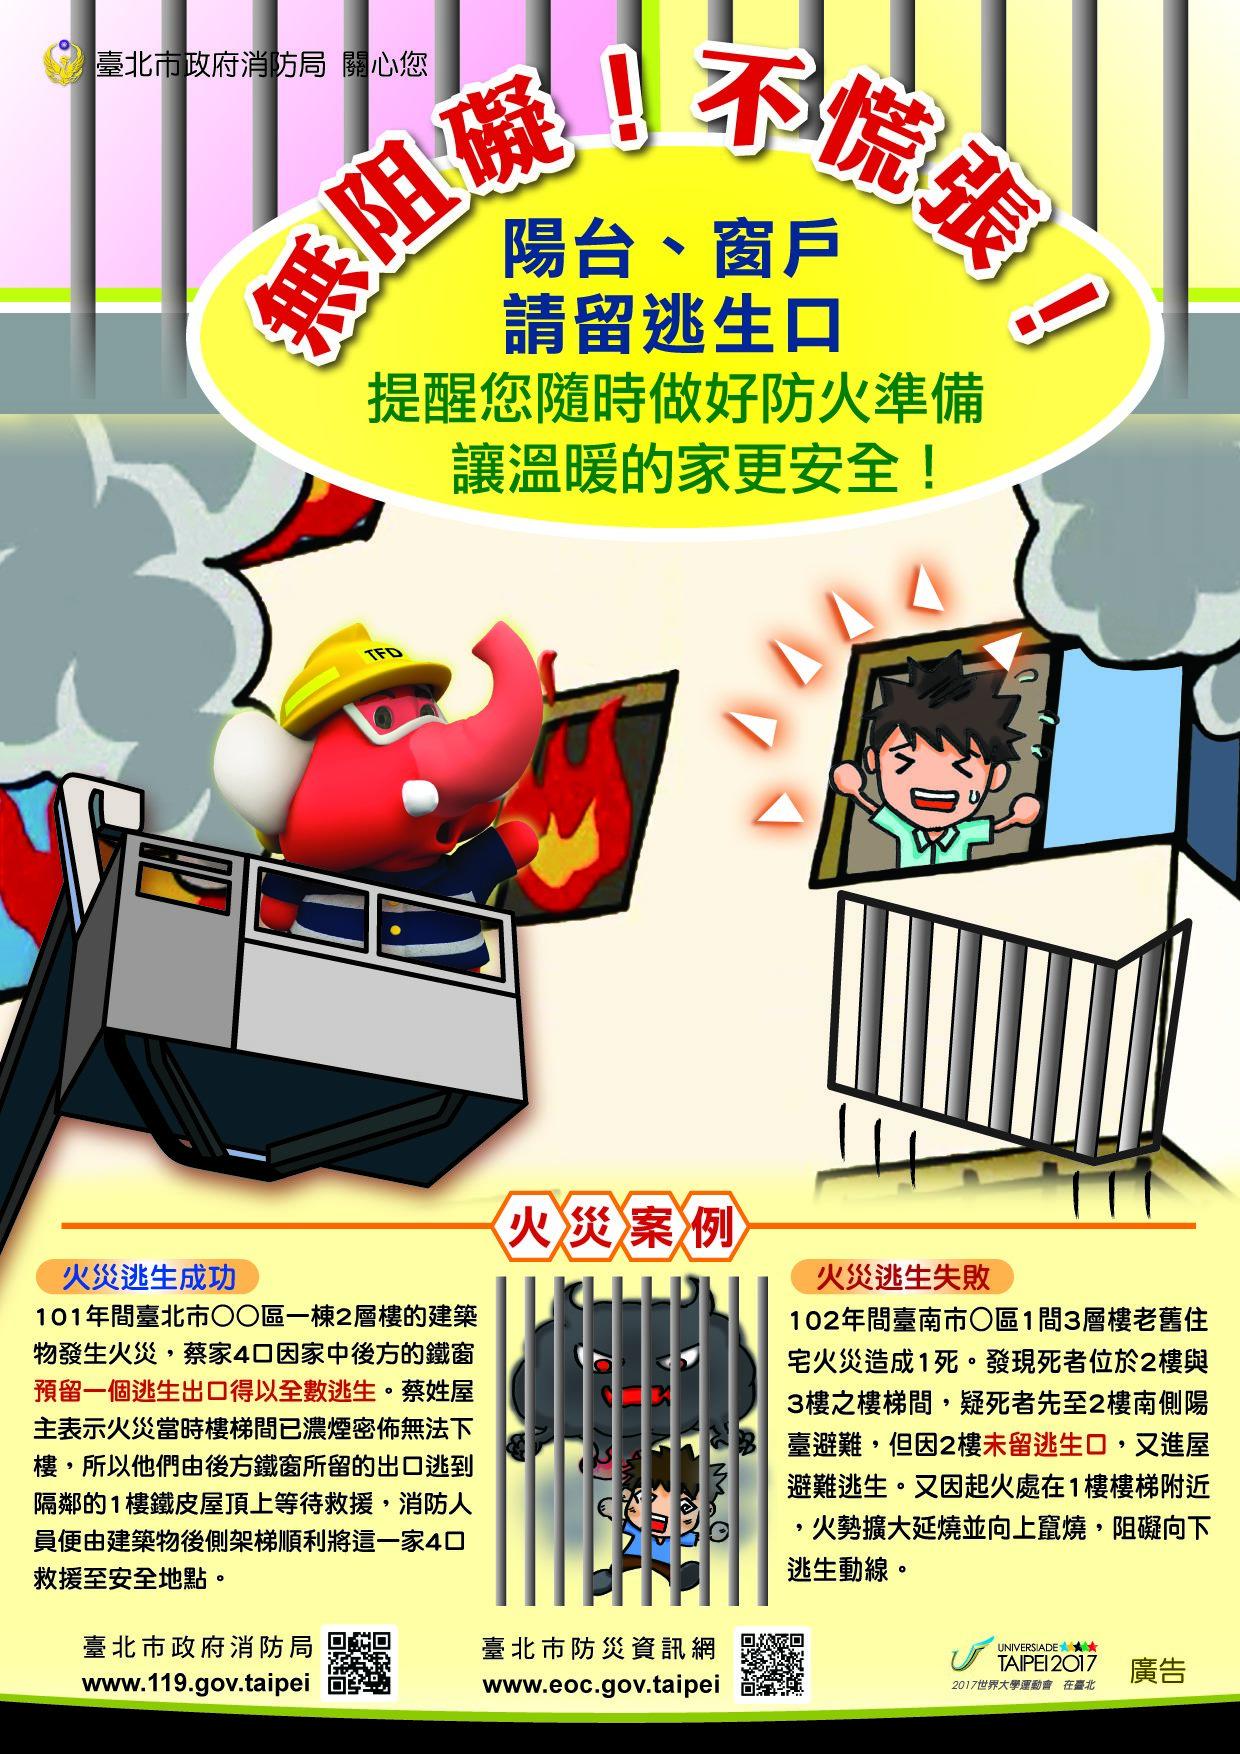 3.防火無阻礙不慌張(中文)